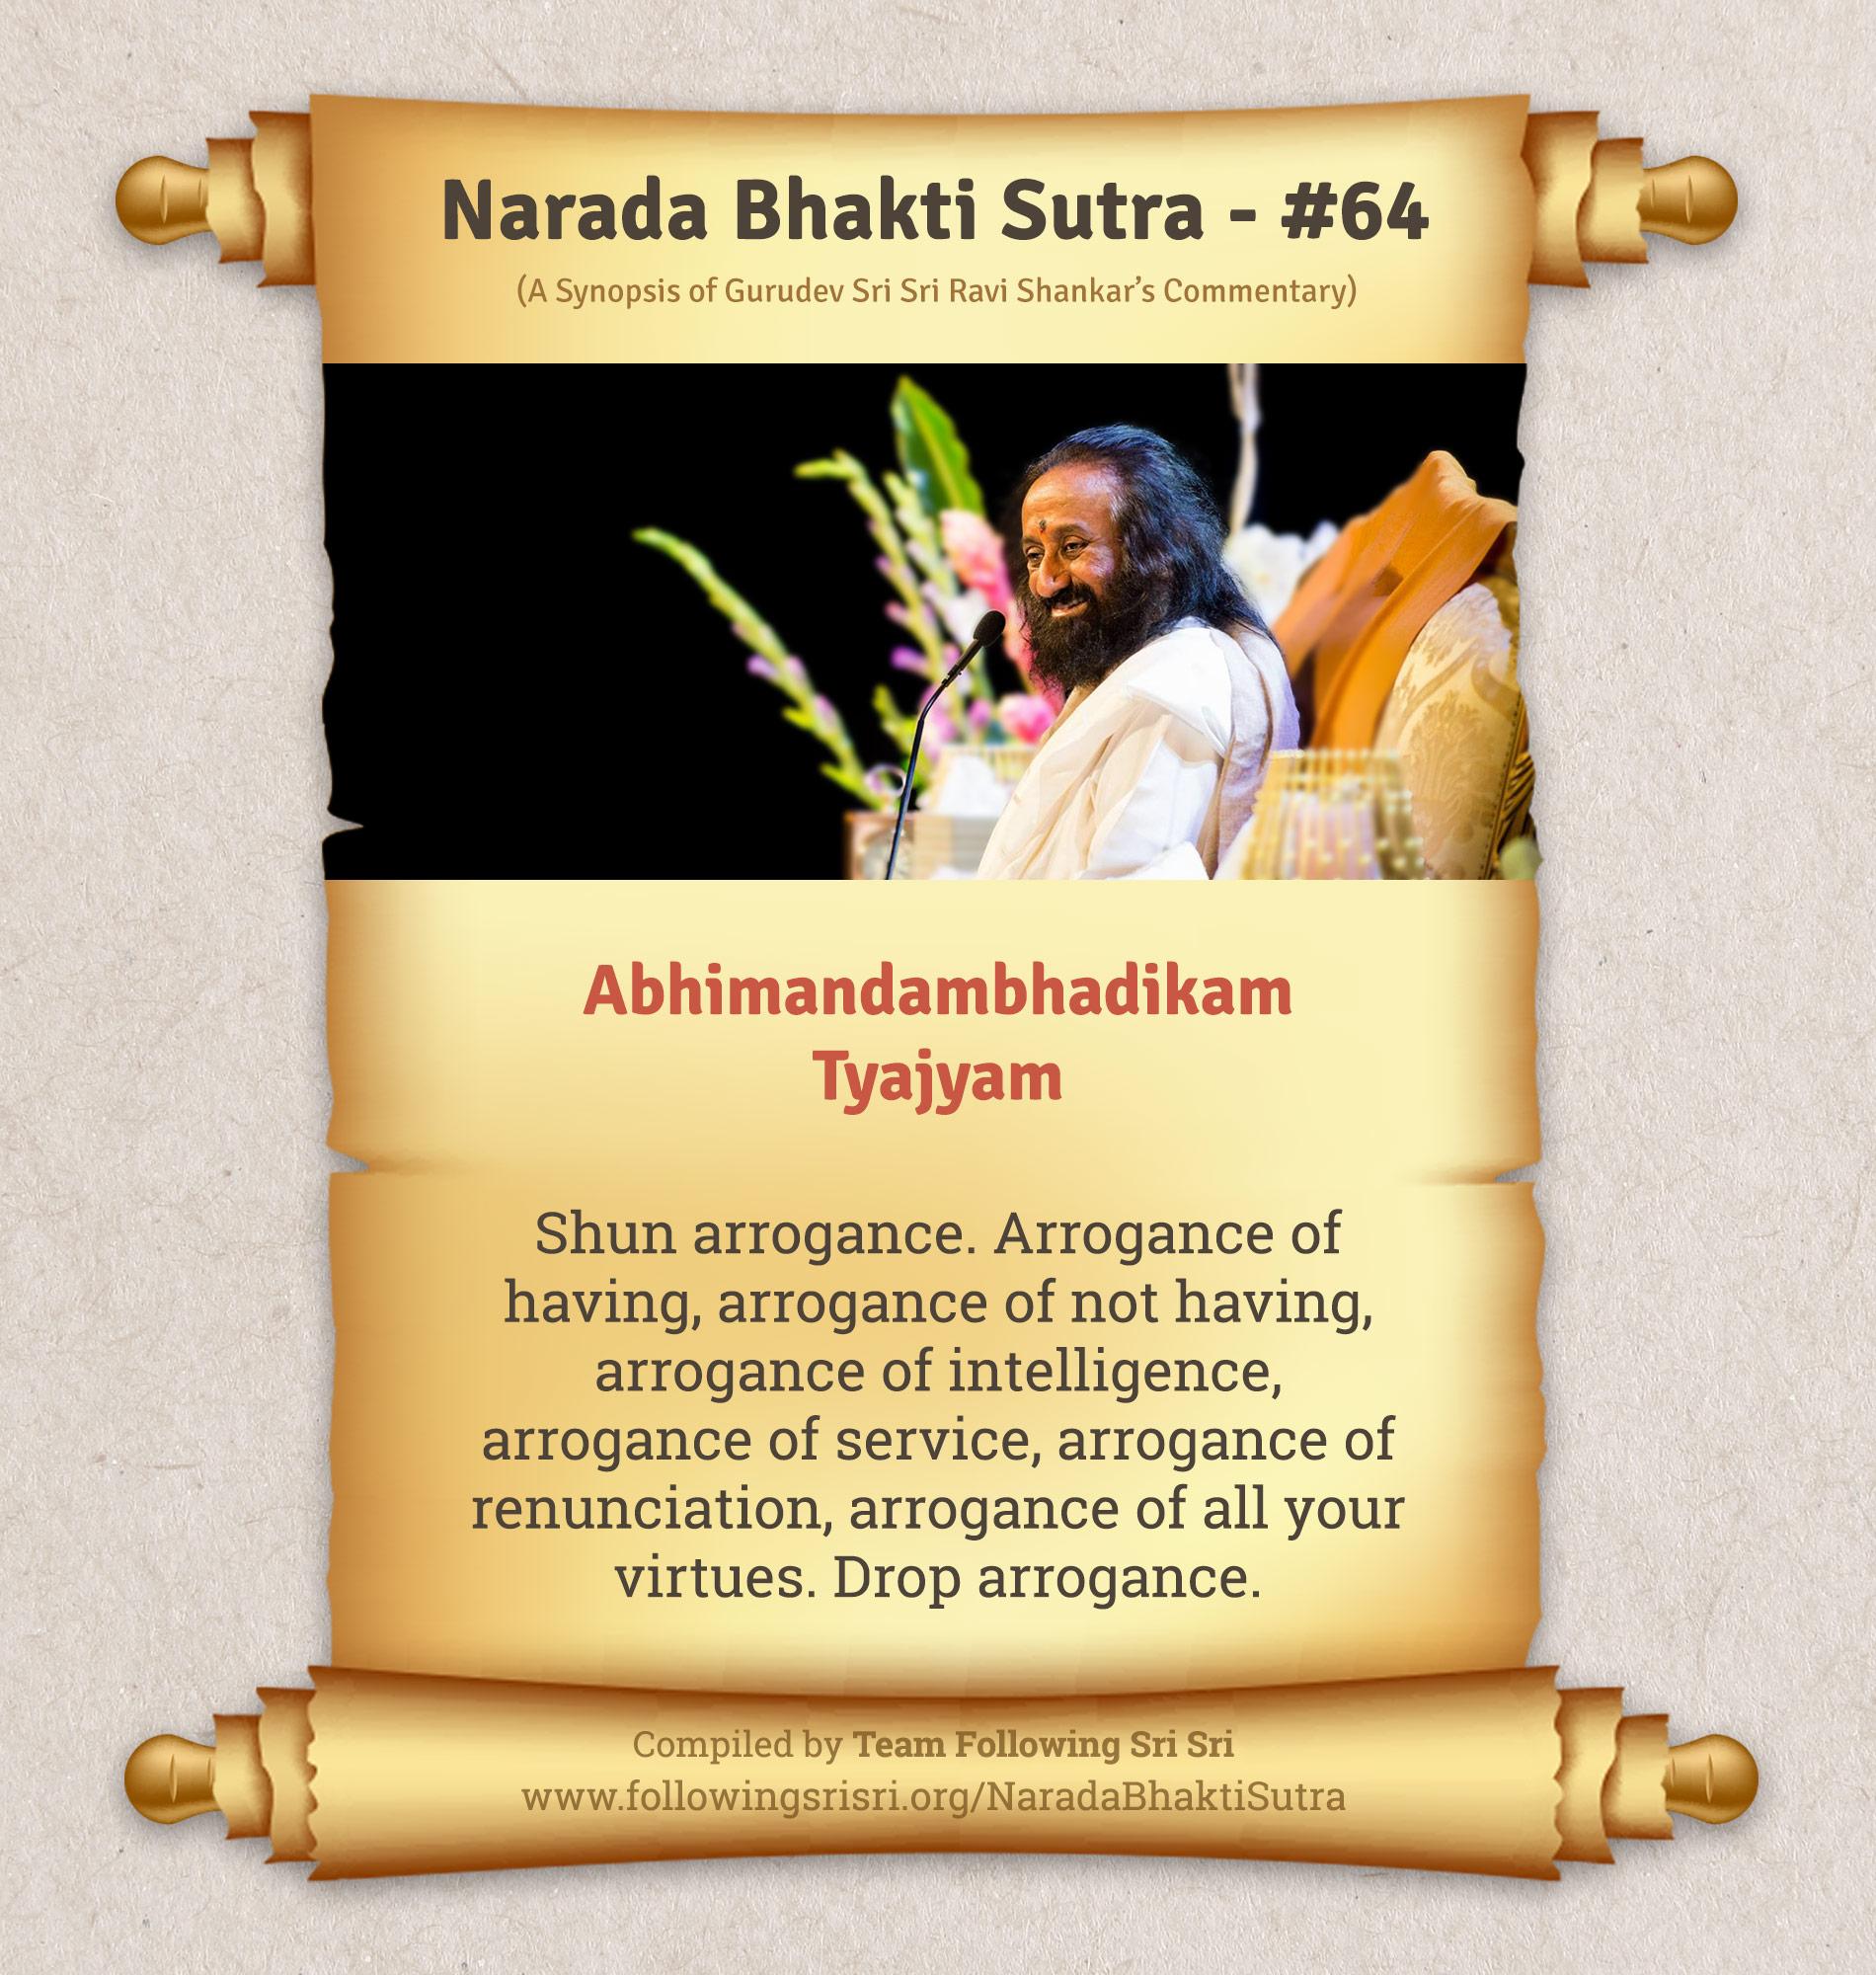 Narada Bhakti Sutras - Sutra 64